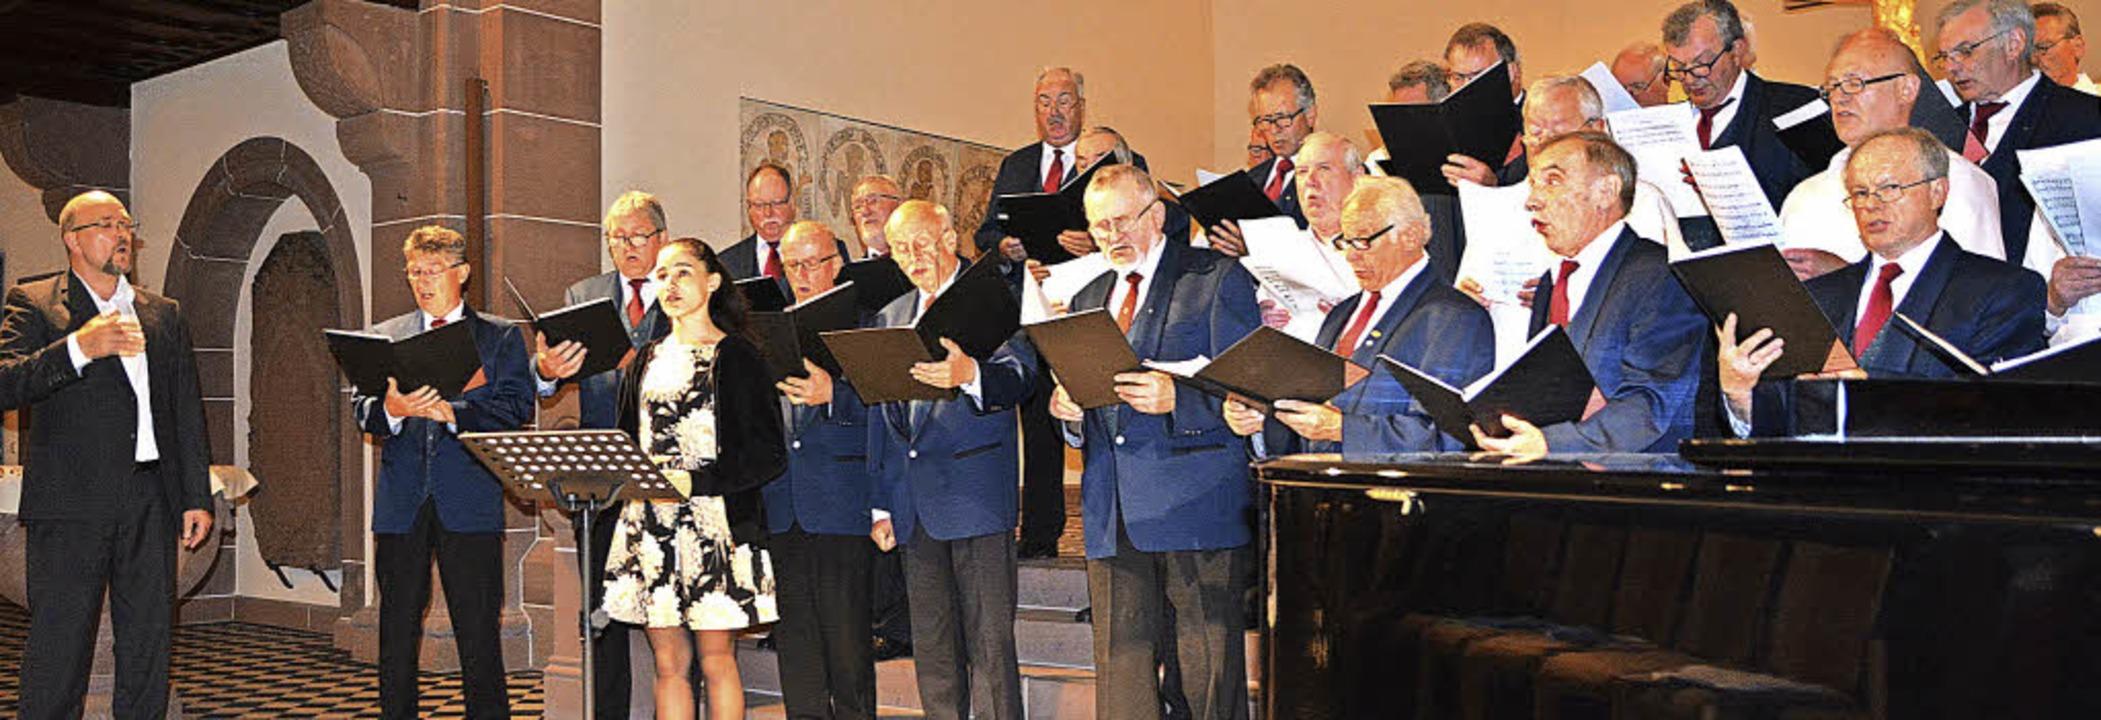 Gelungenen Chorgesang gab's  in der Pauluskirche Badenweiler zu hören.   | Foto: Privat